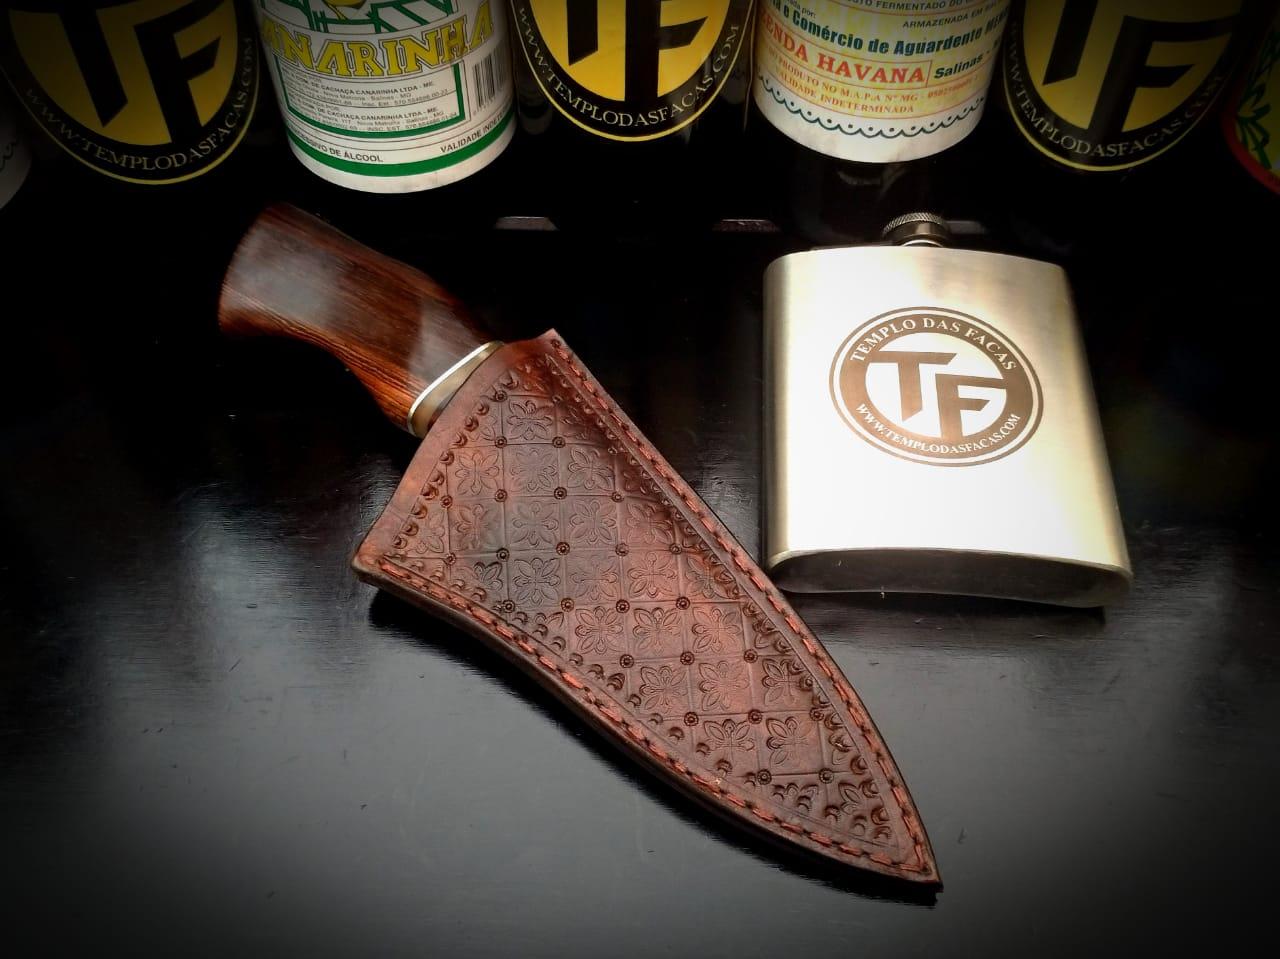 Faca artesanal forjada de grosa antiga hunter 4 polegadas